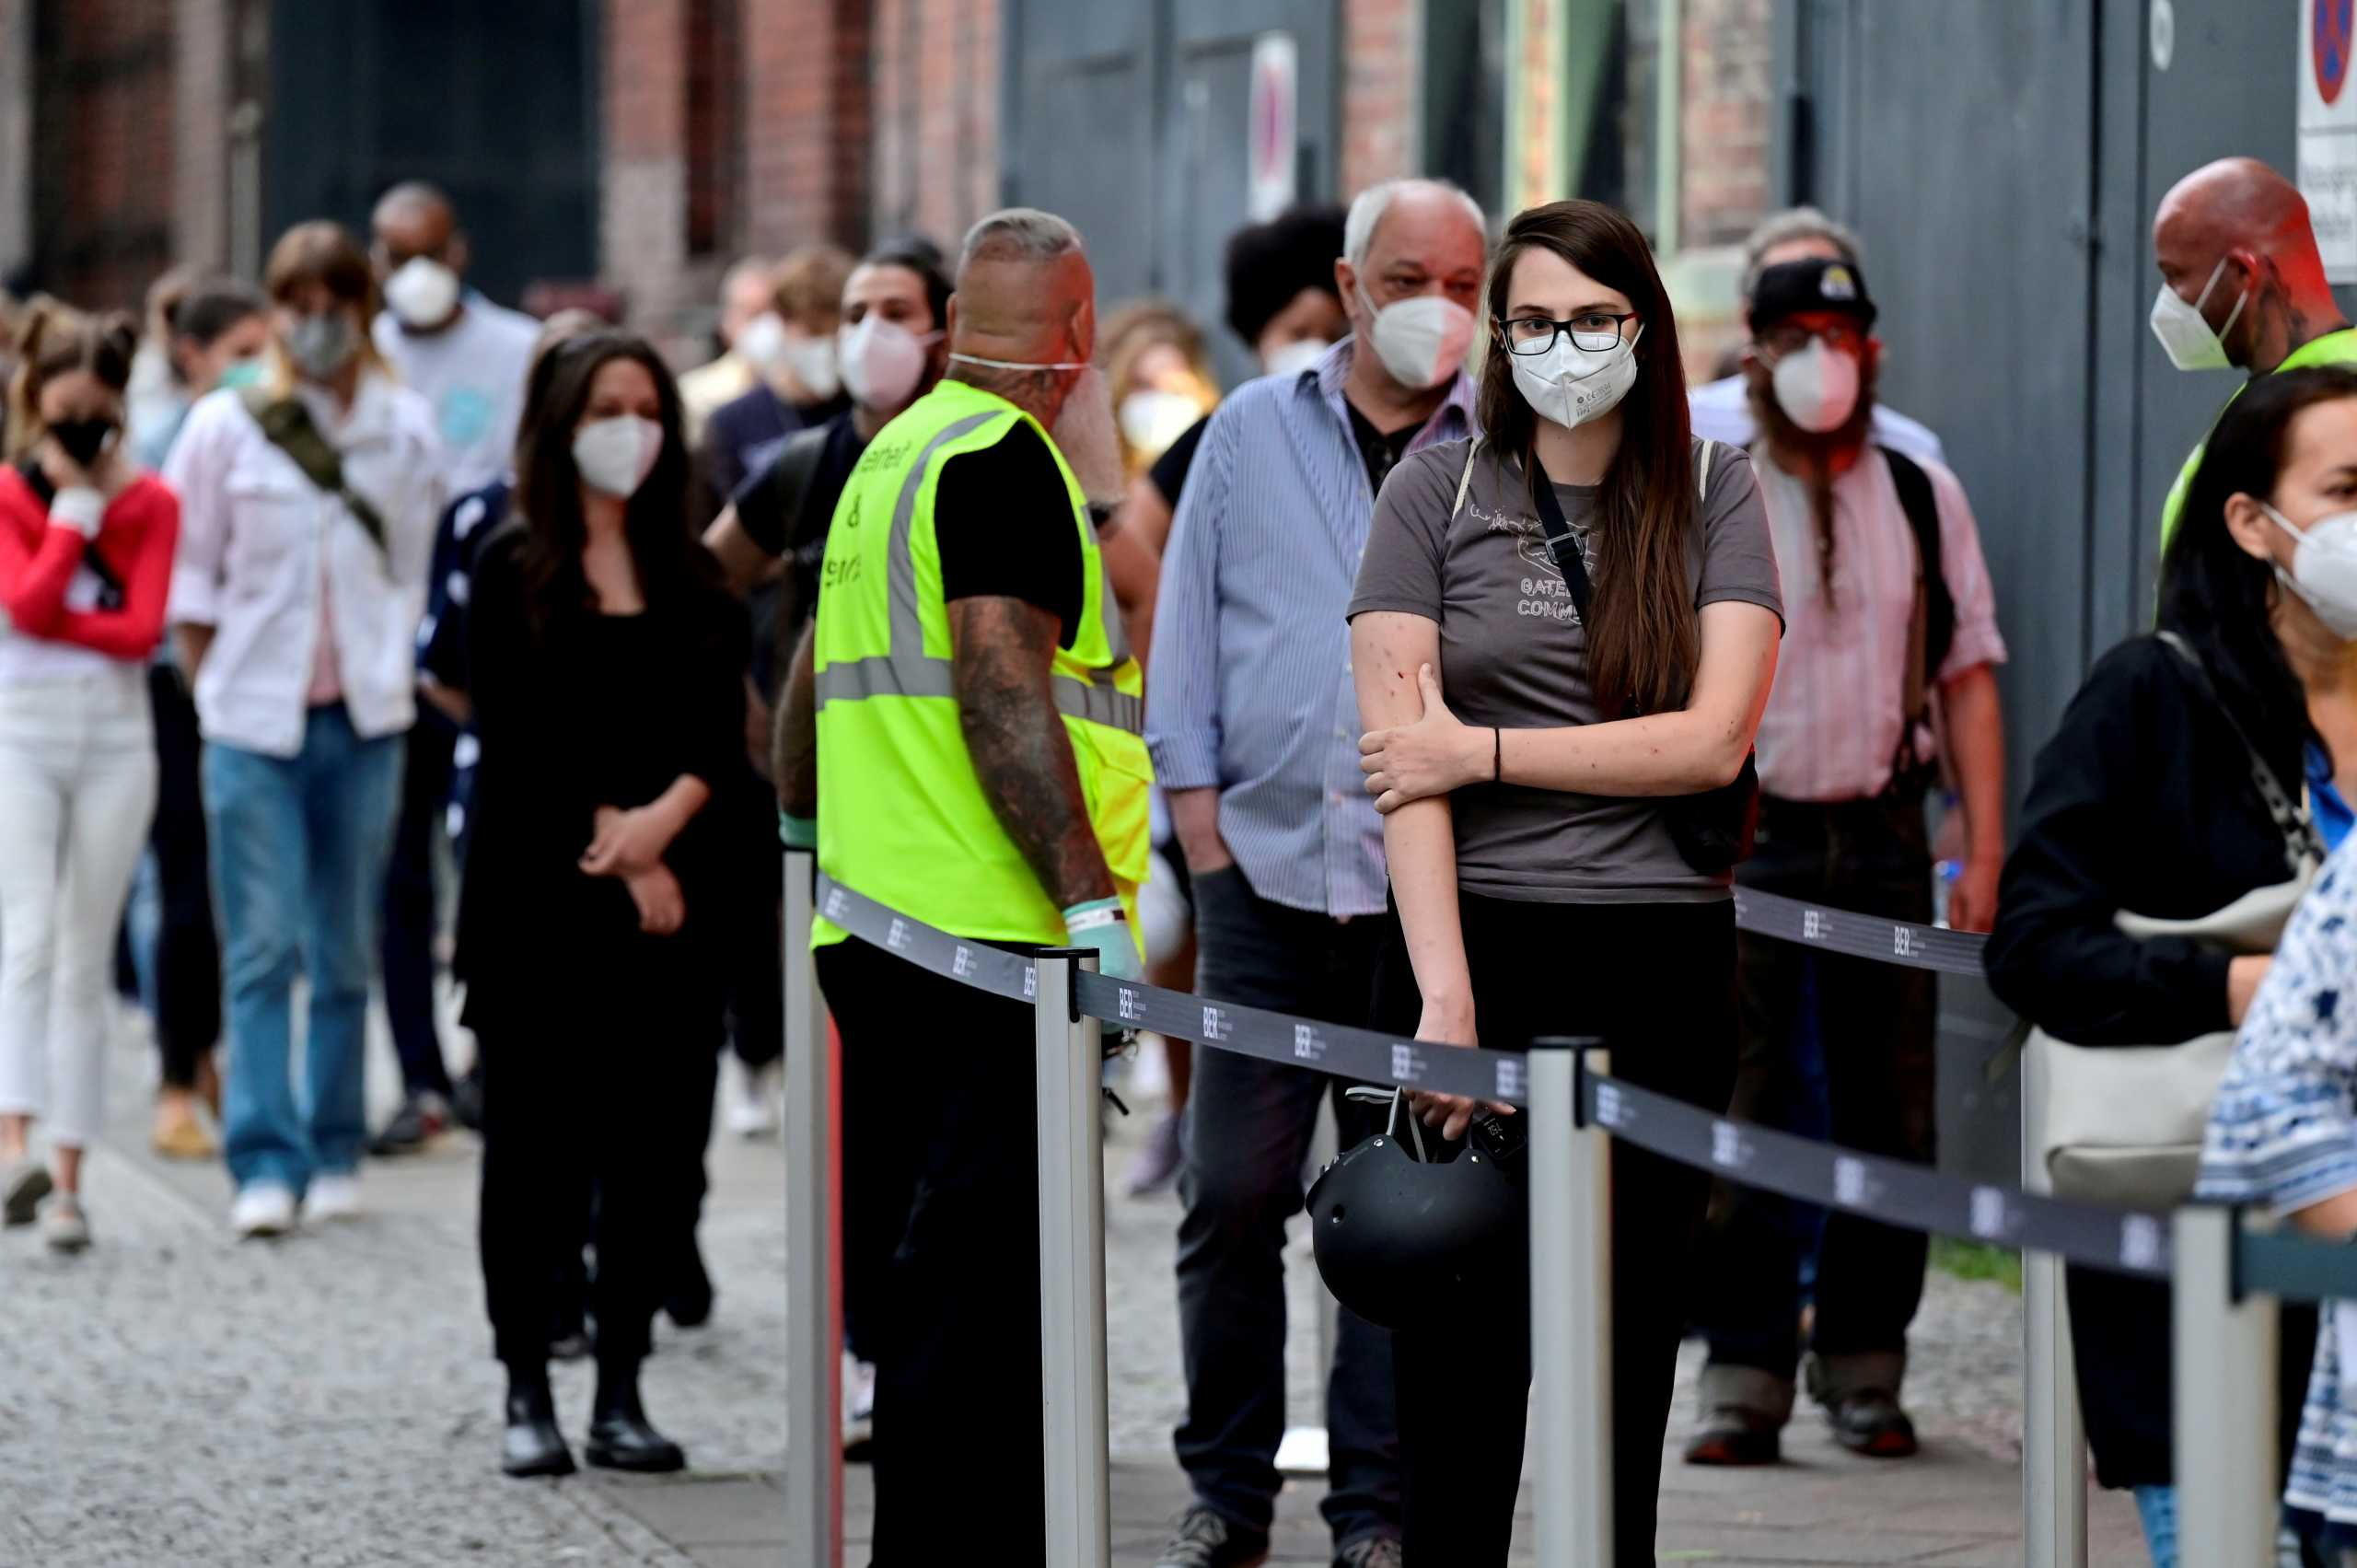 Γερμανία: 62 νεκροί και πάνω από 7.000 νέα κρούσματα κορονοϊού